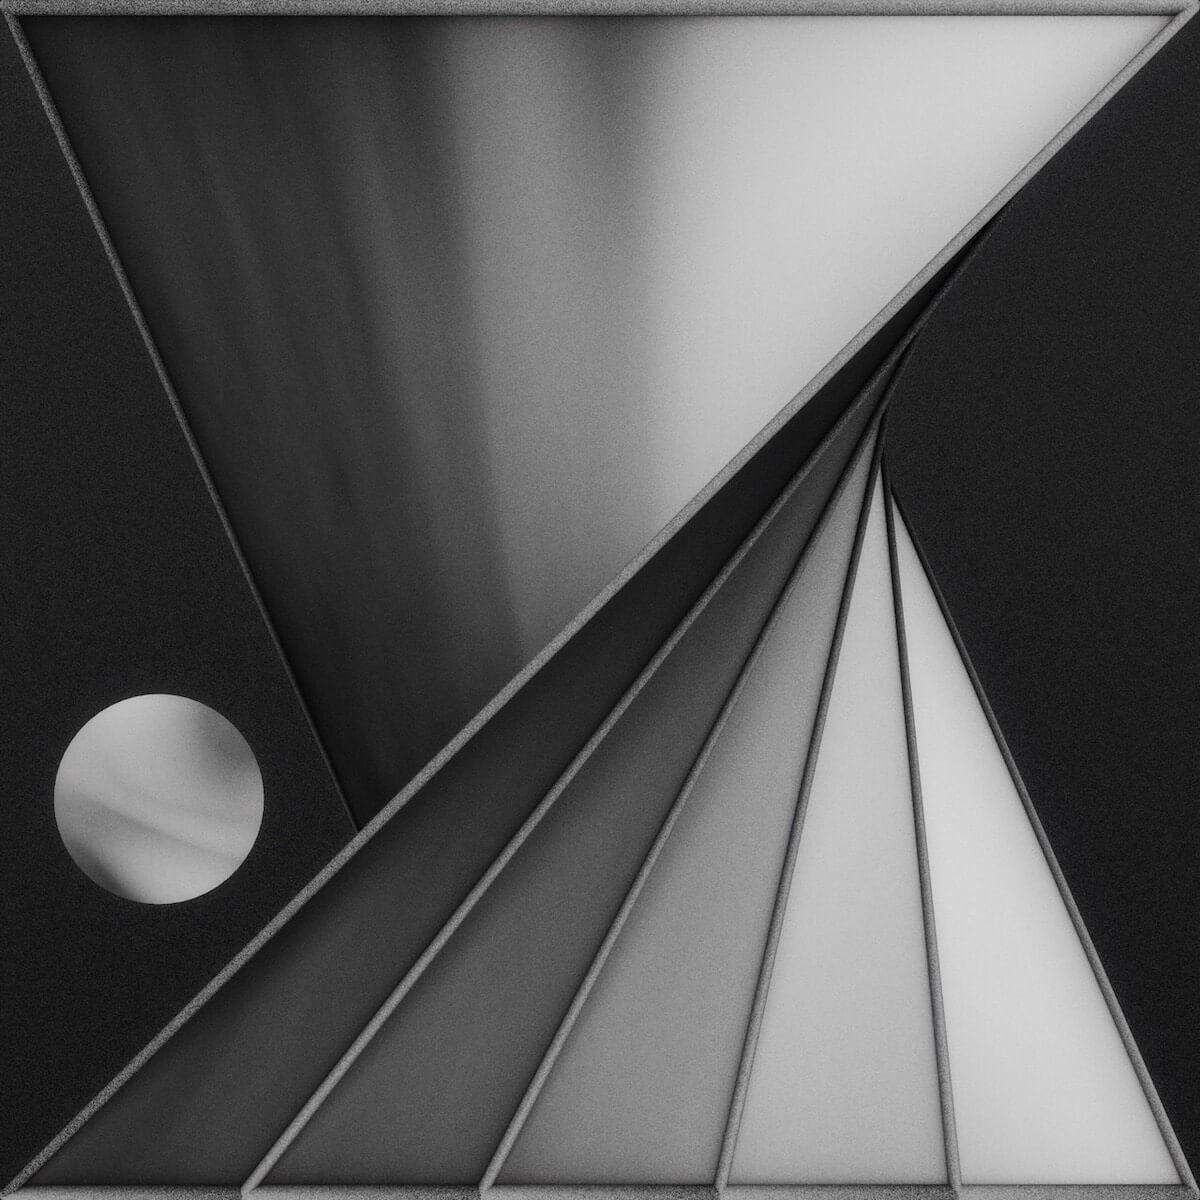 気鋭プロデューサーEXPCTR、1st EPリリース!岩壁音楽祭×Spincoasterコラボパーティーにも出演 mu190629_expctr3